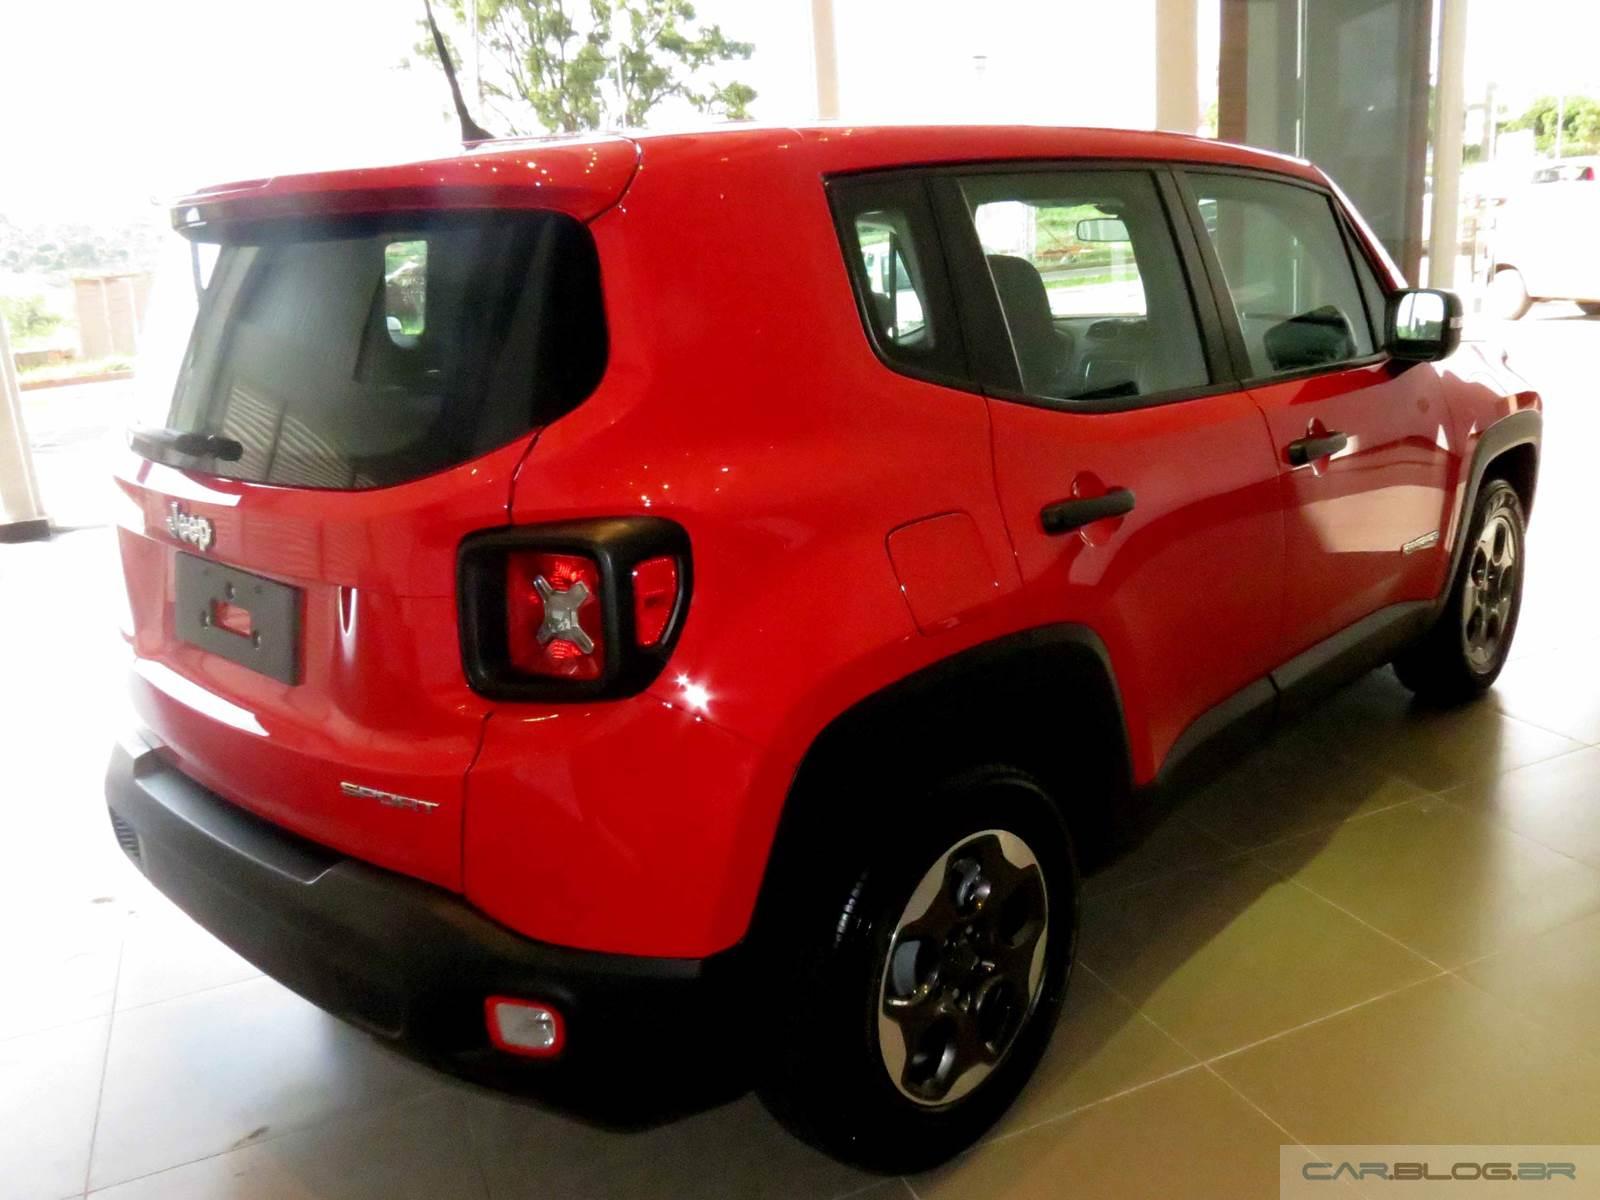 jeep renegade flex fotos e v deo do modelo de r 69 9 mil car blog br. Black Bedroom Furniture Sets. Home Design Ideas